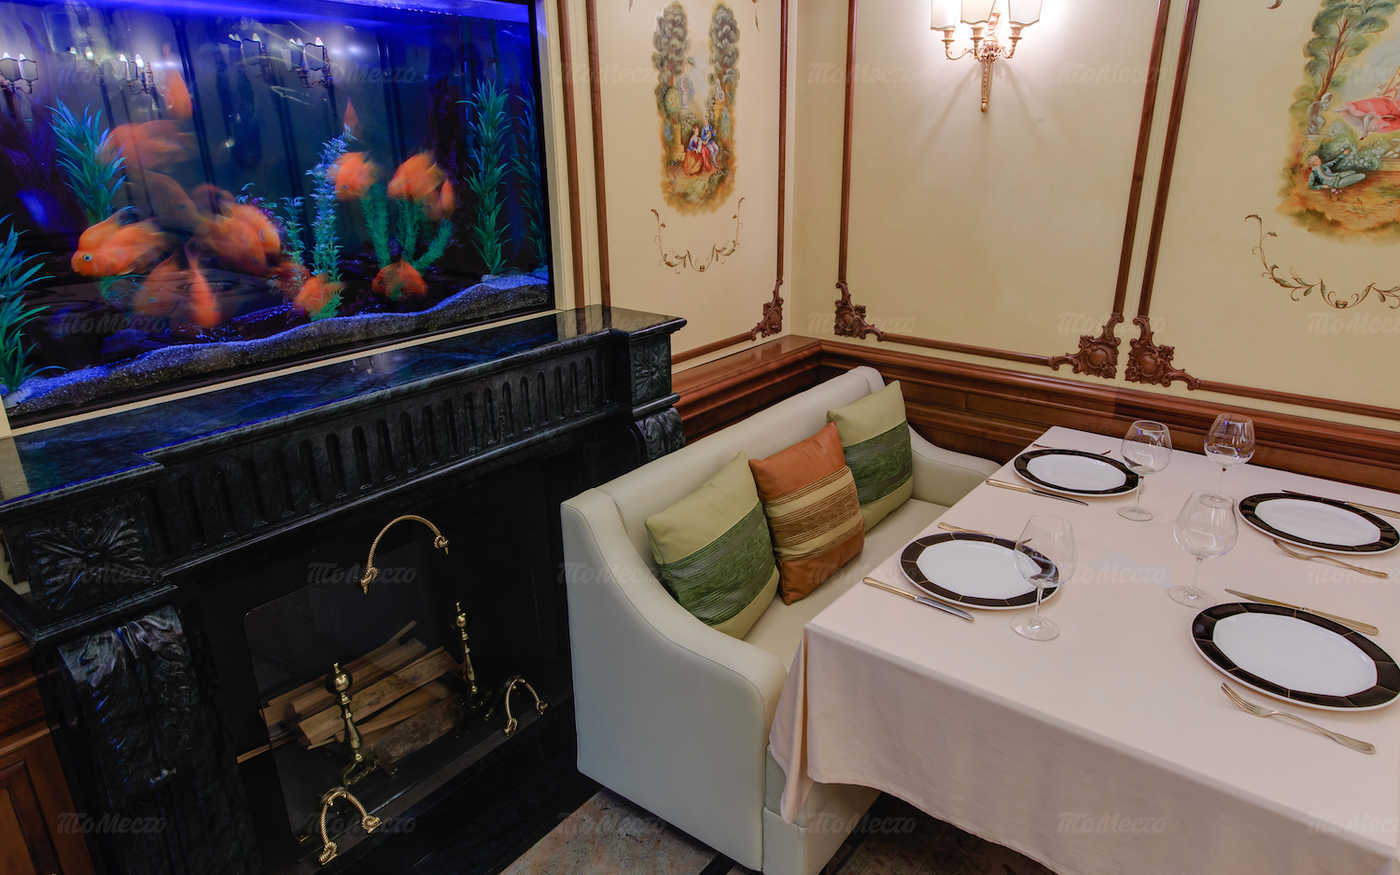 Меню кафе, ресторана Ля Гурмэ (Эльдорадо) на улице Большой Полянка